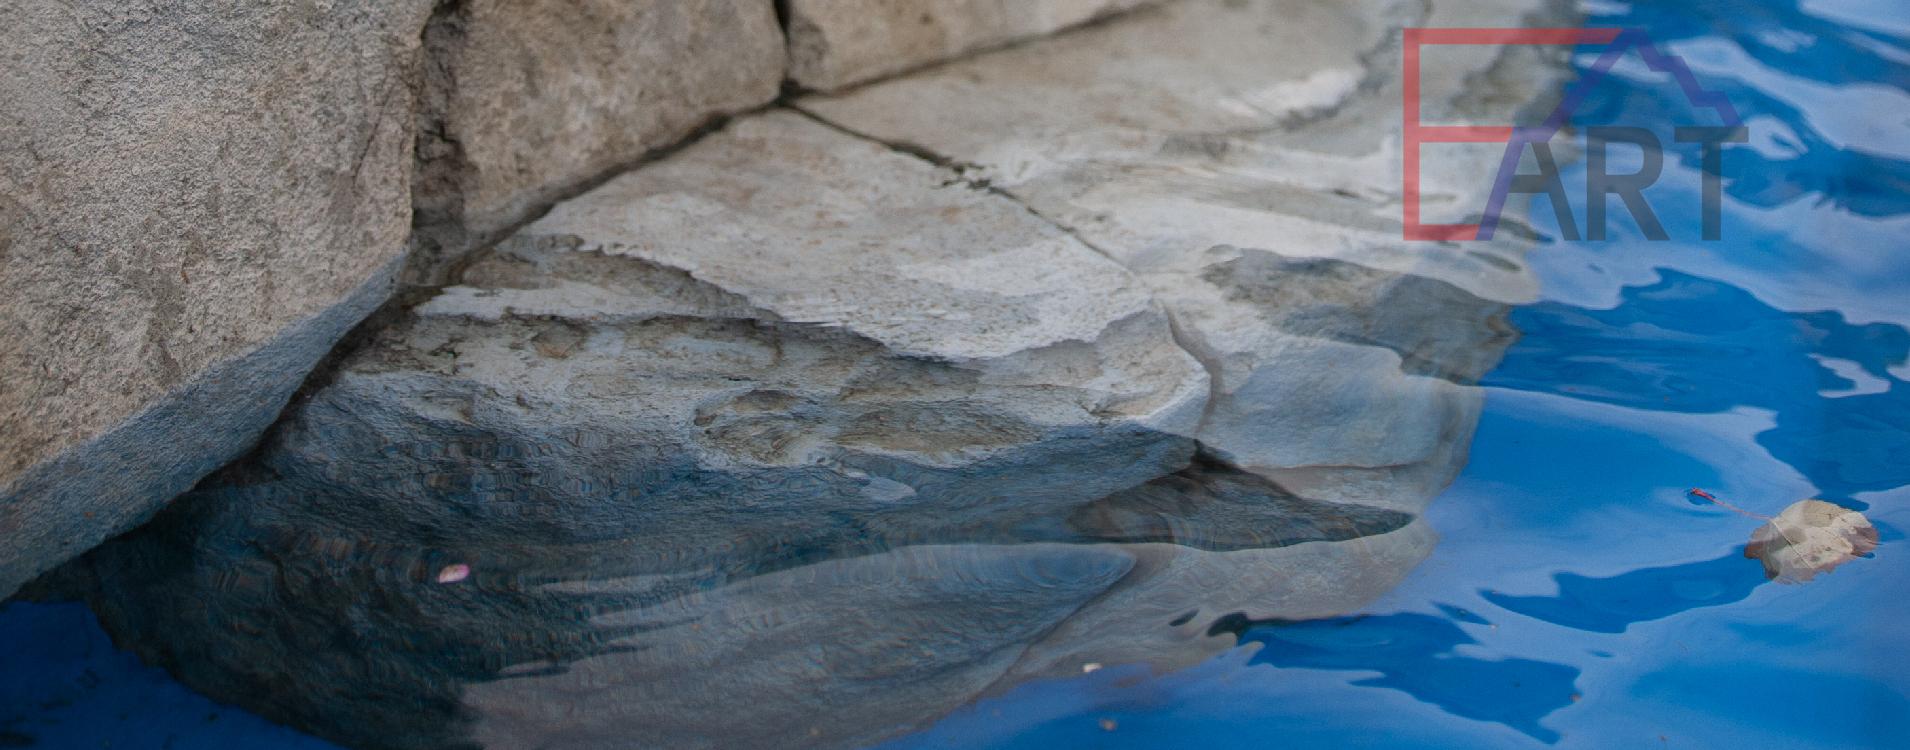 искусственный камень из бетона под водой